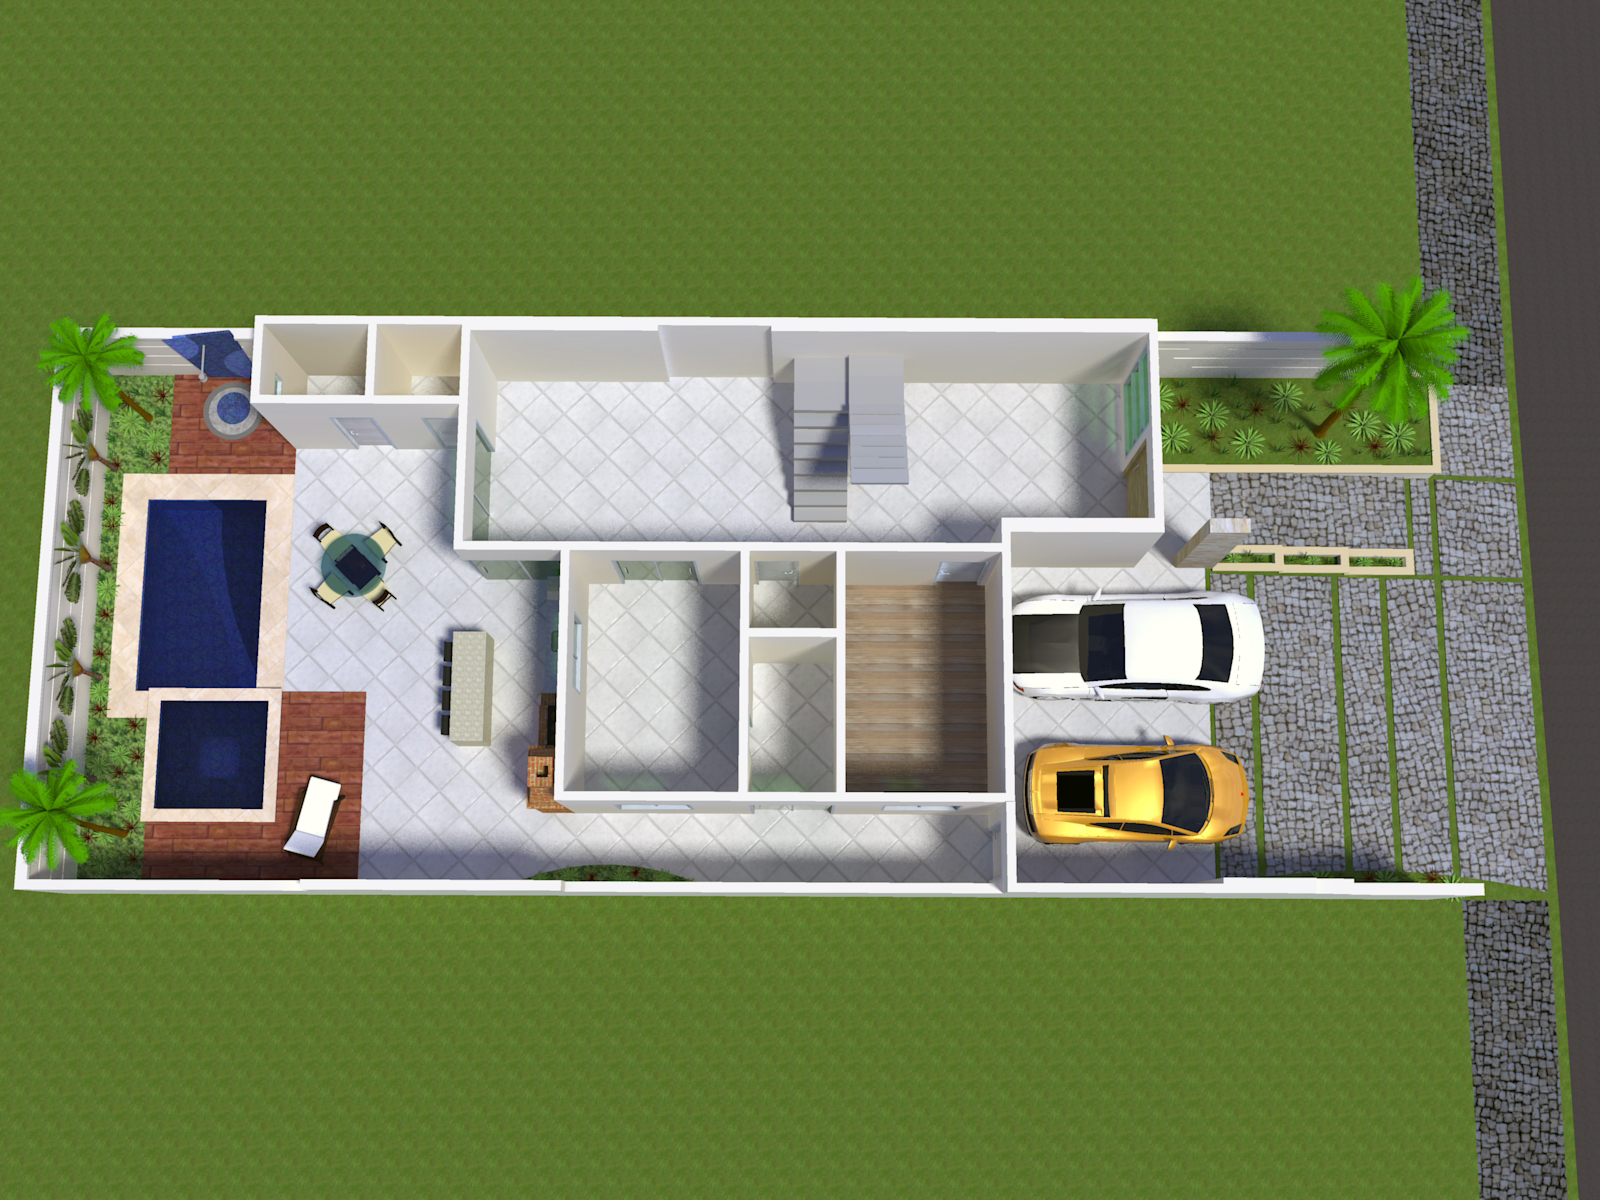 Quanto custa um projeto de arquitetura em jundia - Cambios de casas por pisos ...